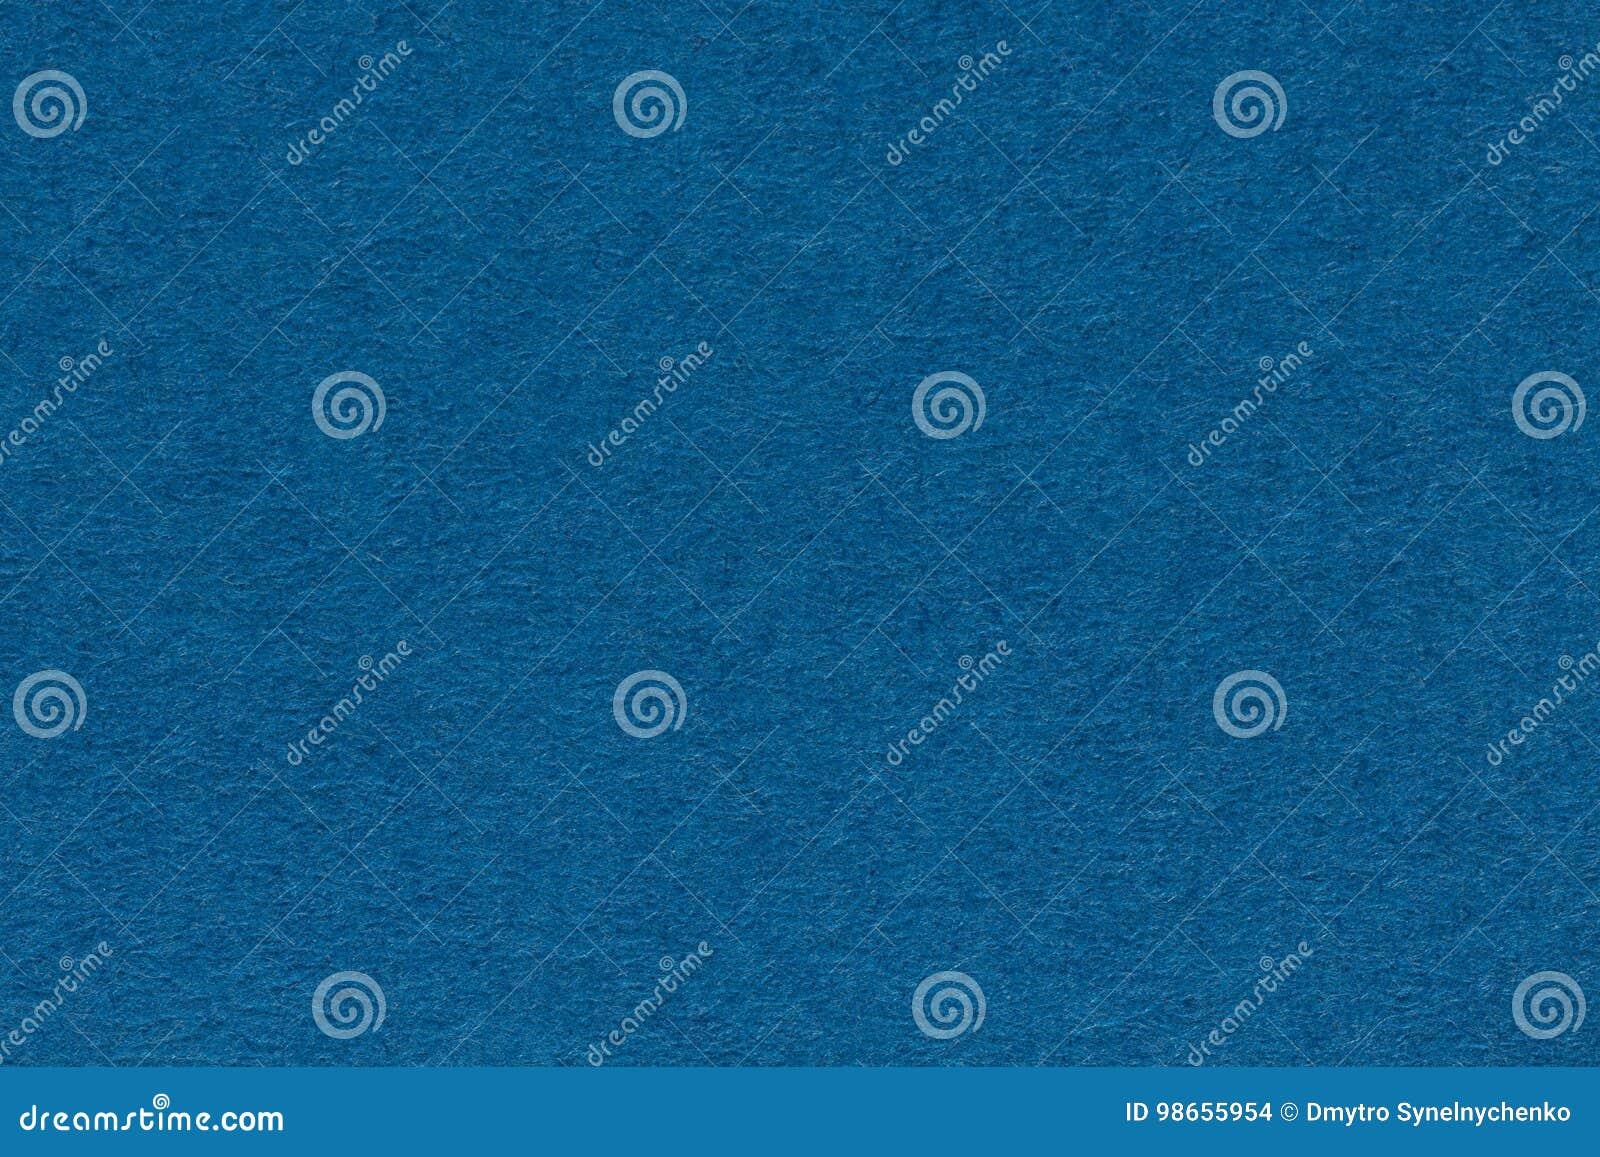 Fondo dallo strato della fine blu scuro della carta di colore su